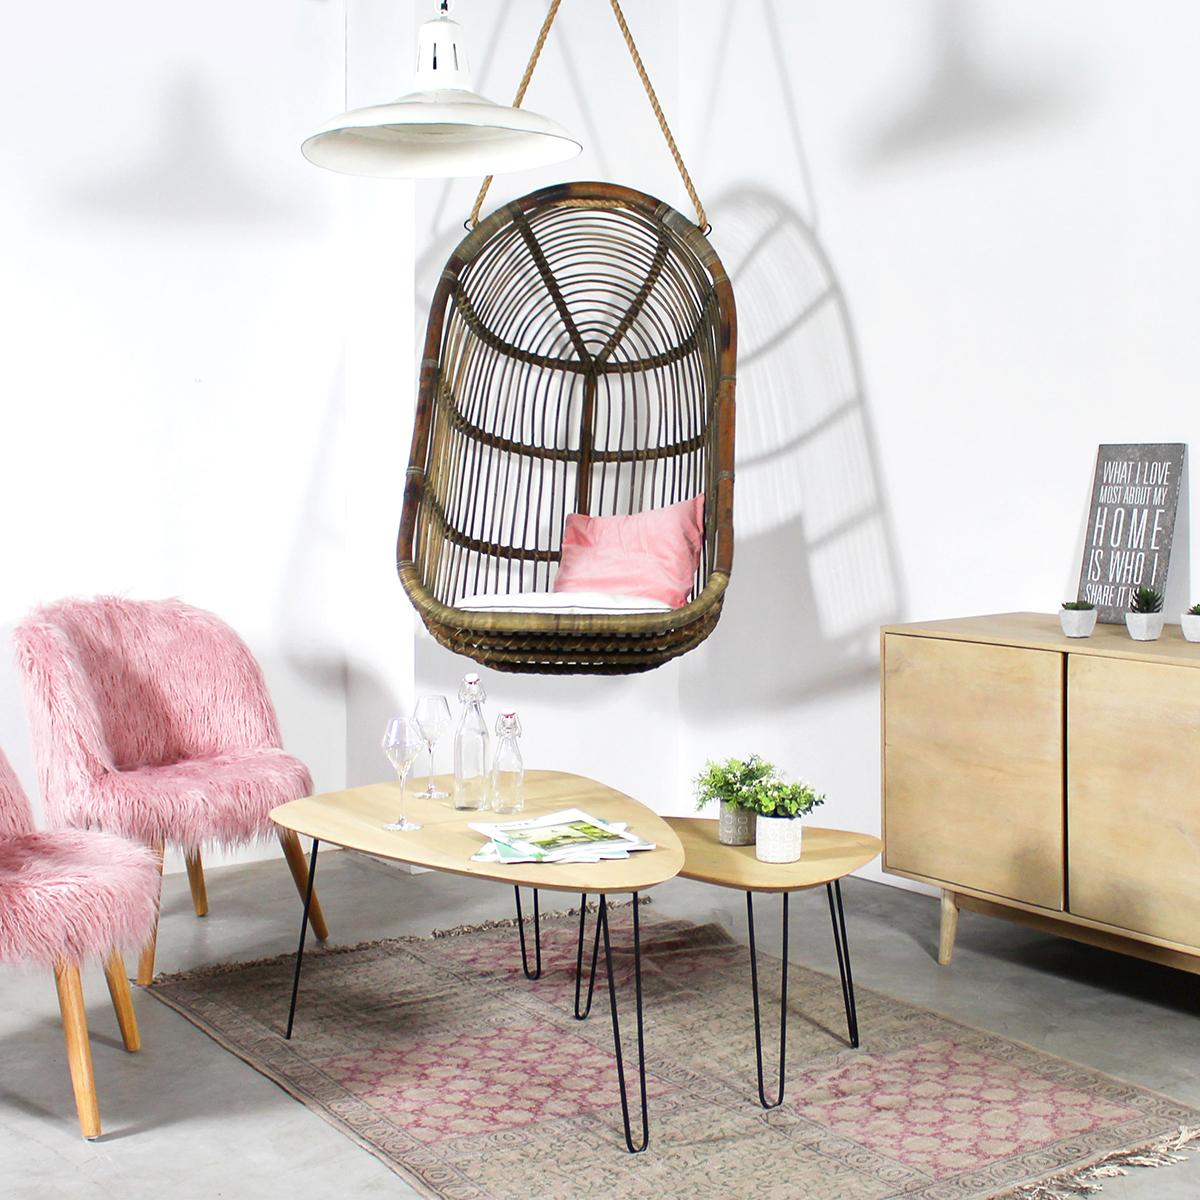 fauteuil suspendu plafond